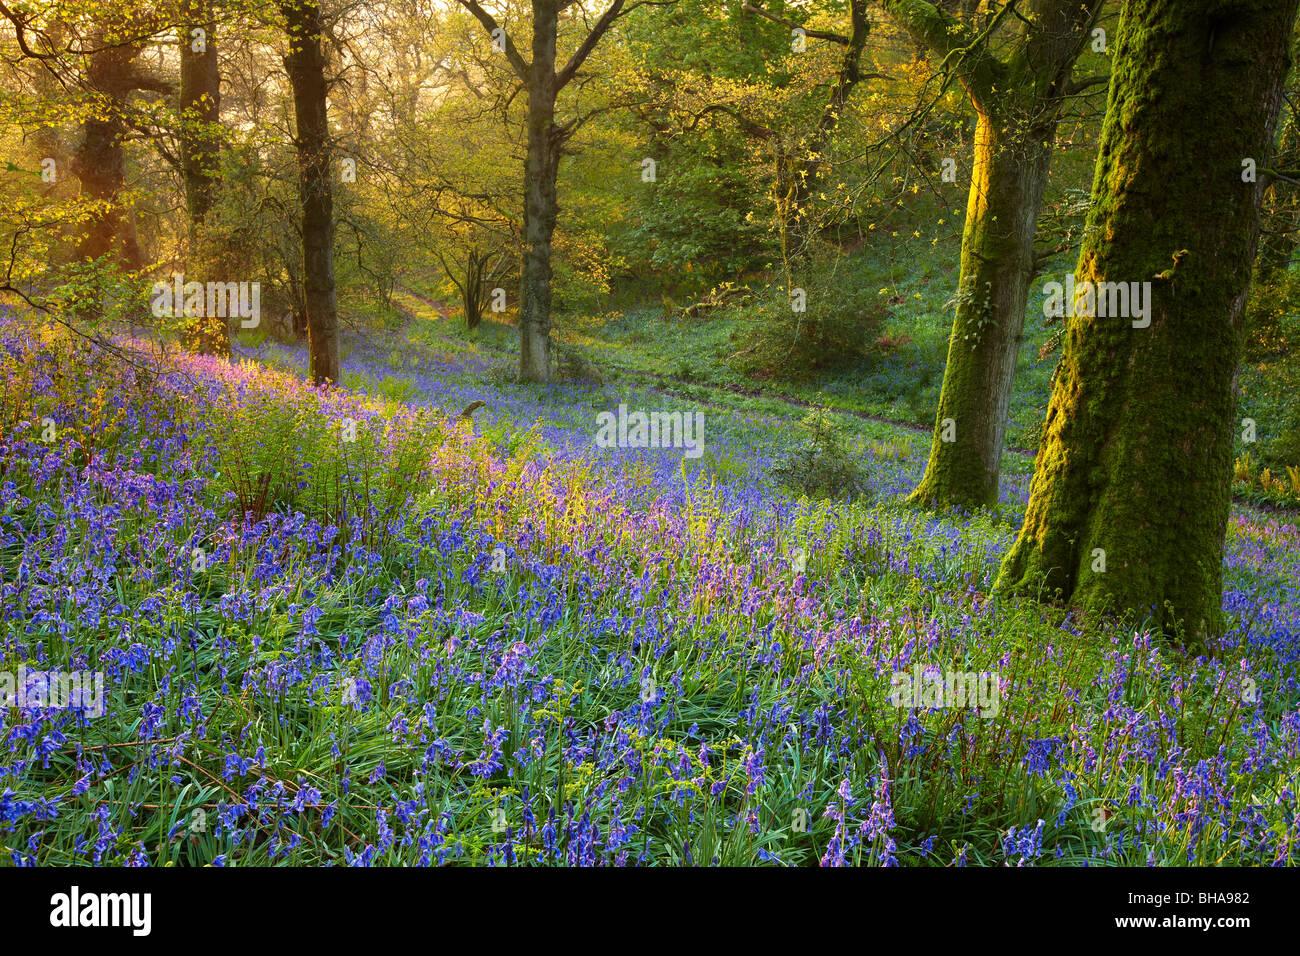 Morgendämmerung im Bluebell Wald bei Batcombe, Dorset, England, UK Stockbild